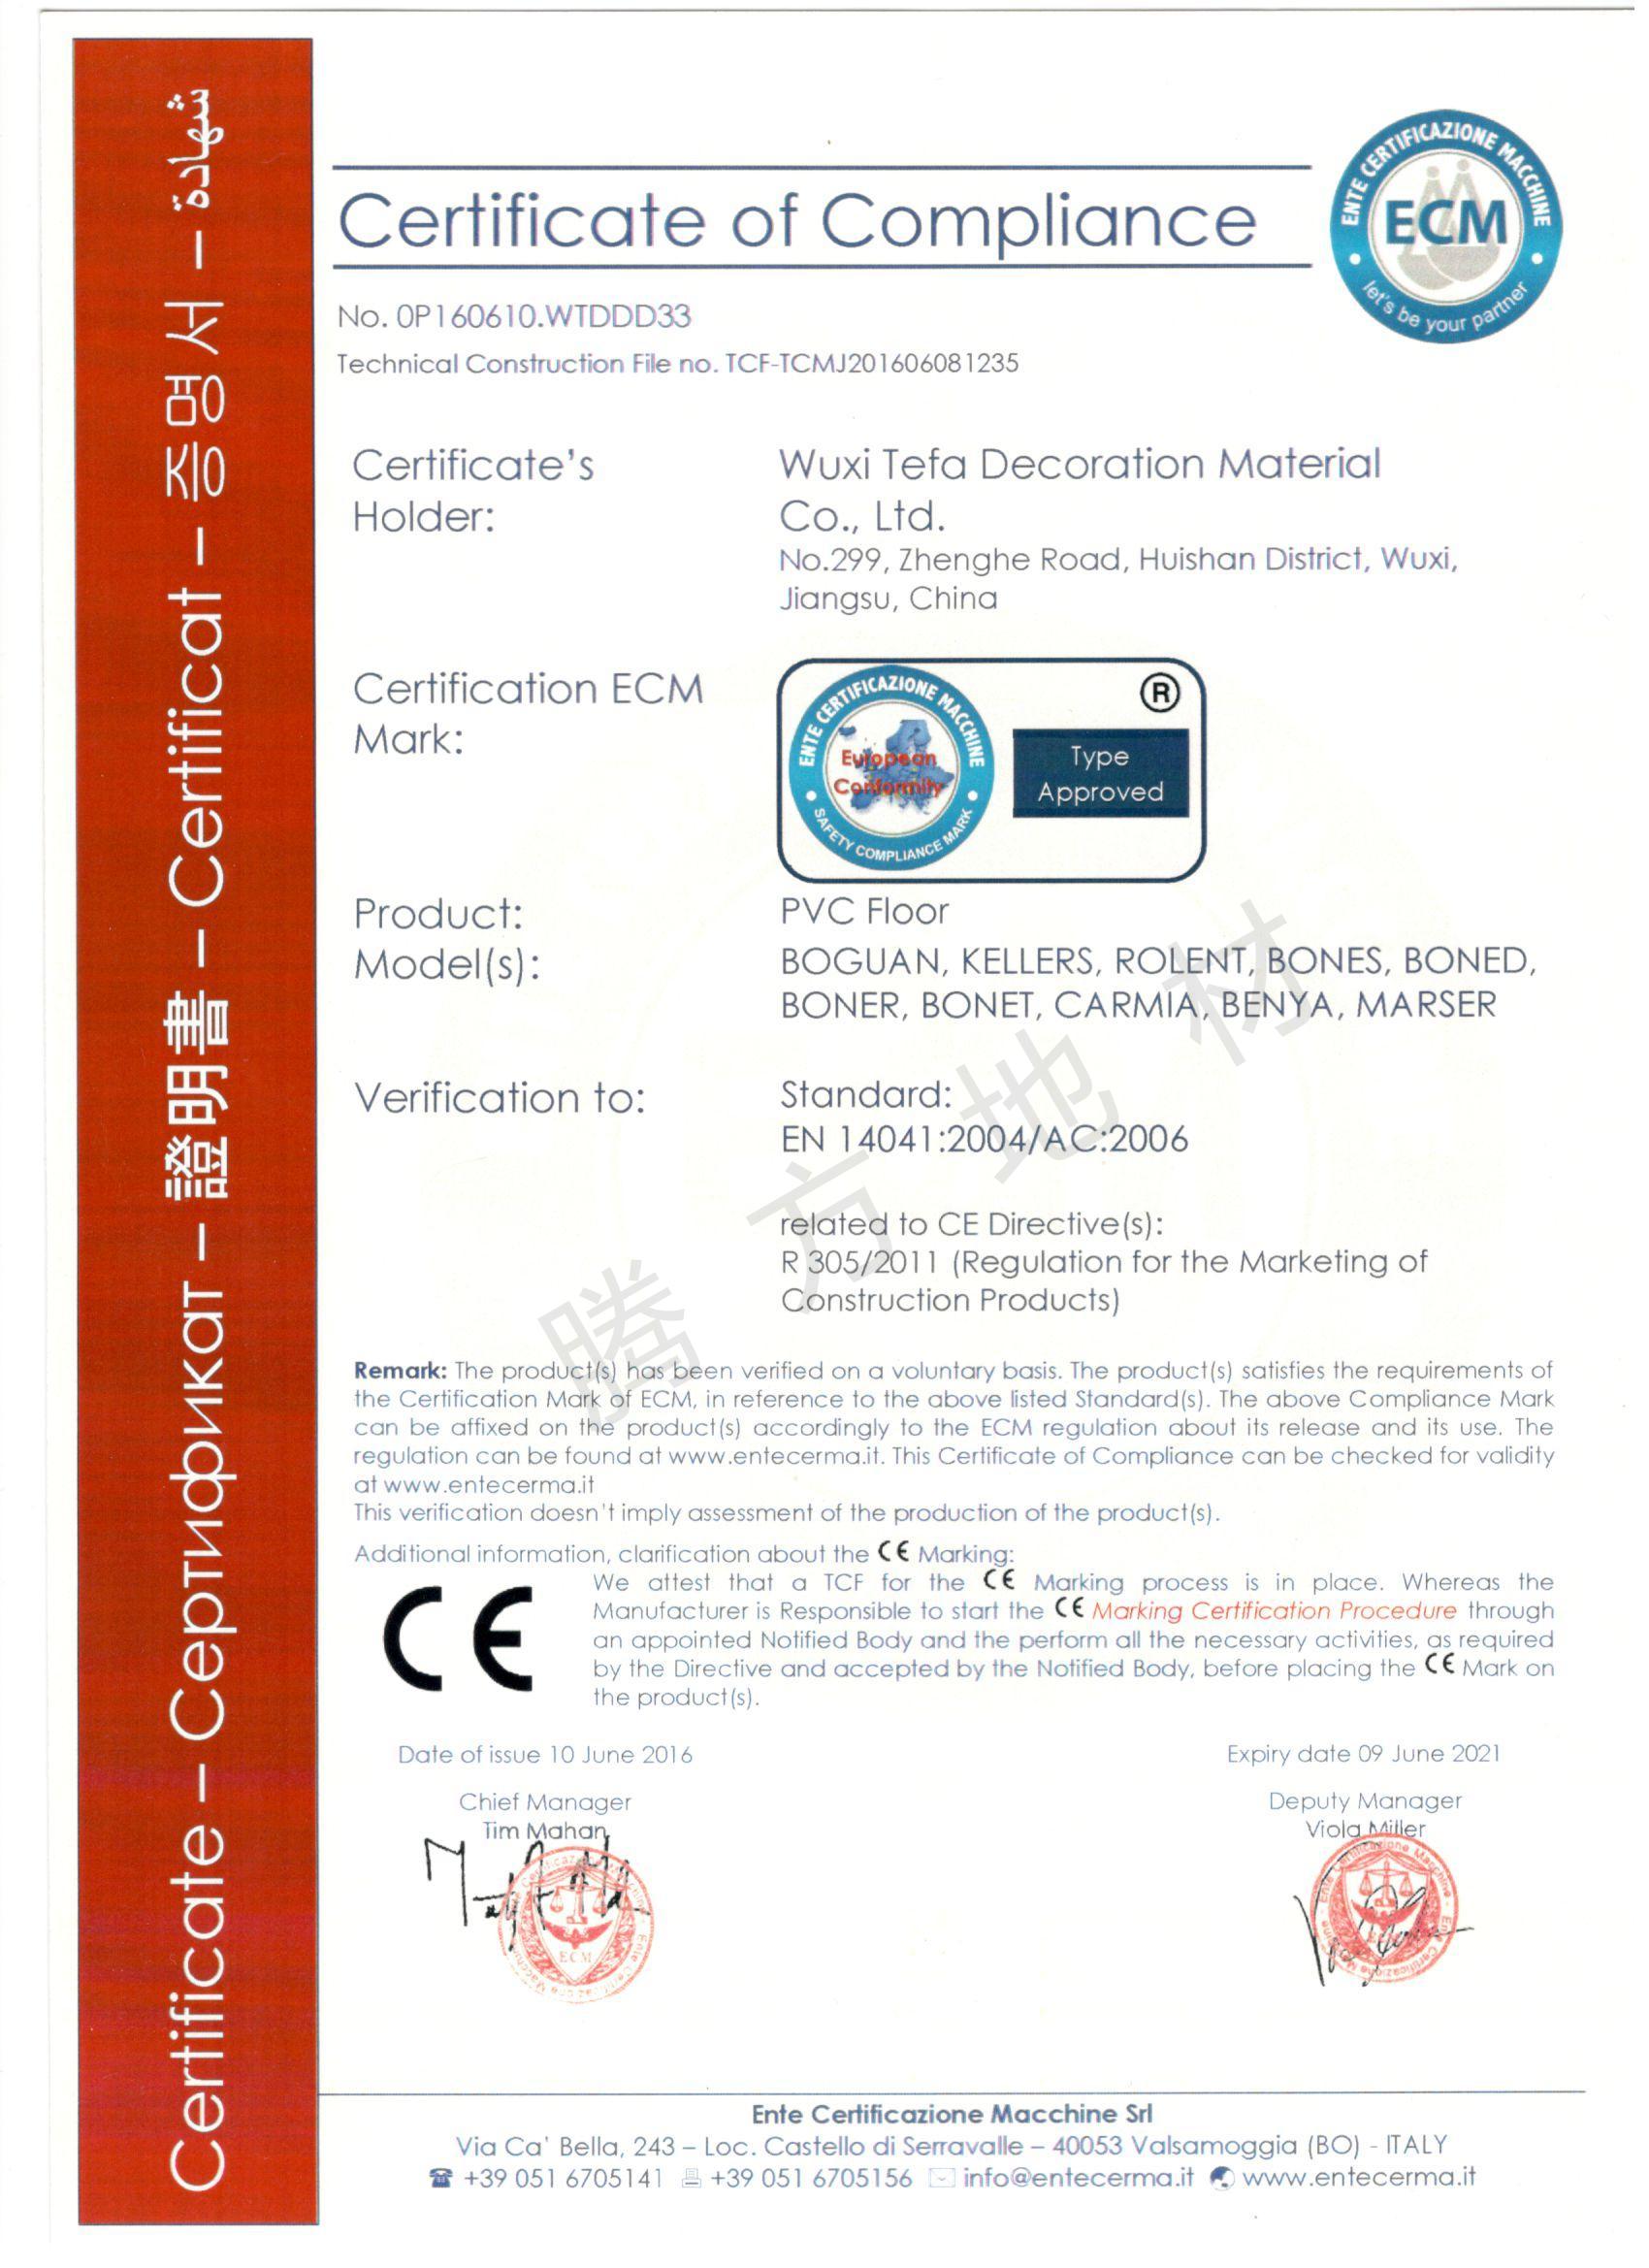 腾方-CE认证证书